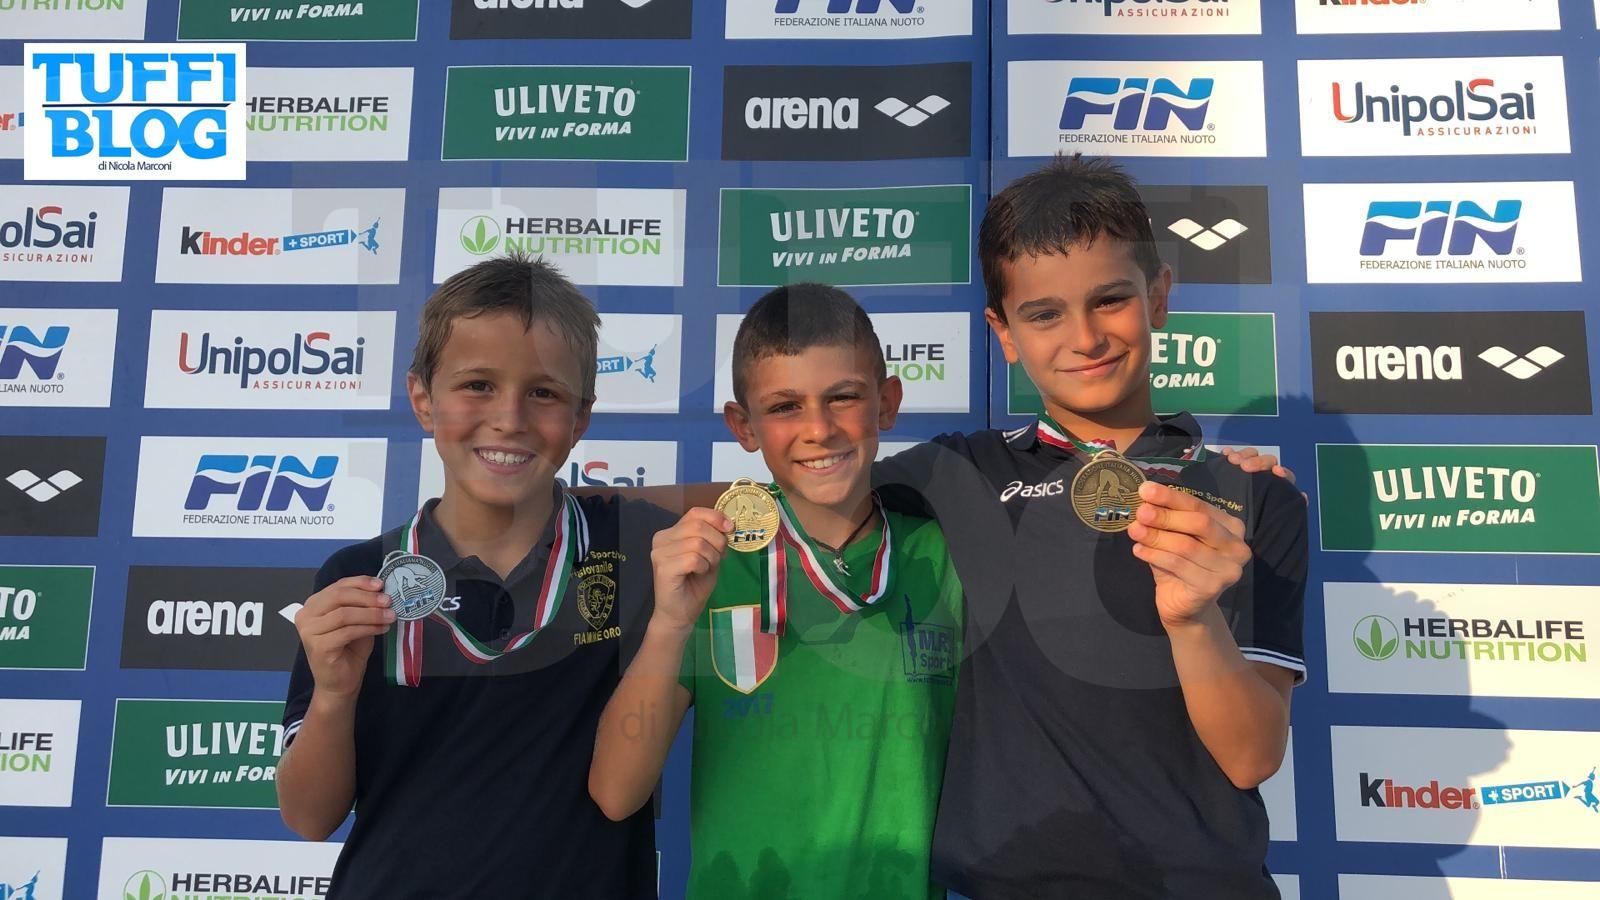 Finale Trofeo Giovanissimi C2/C3: i risultati delle gare del sabato!